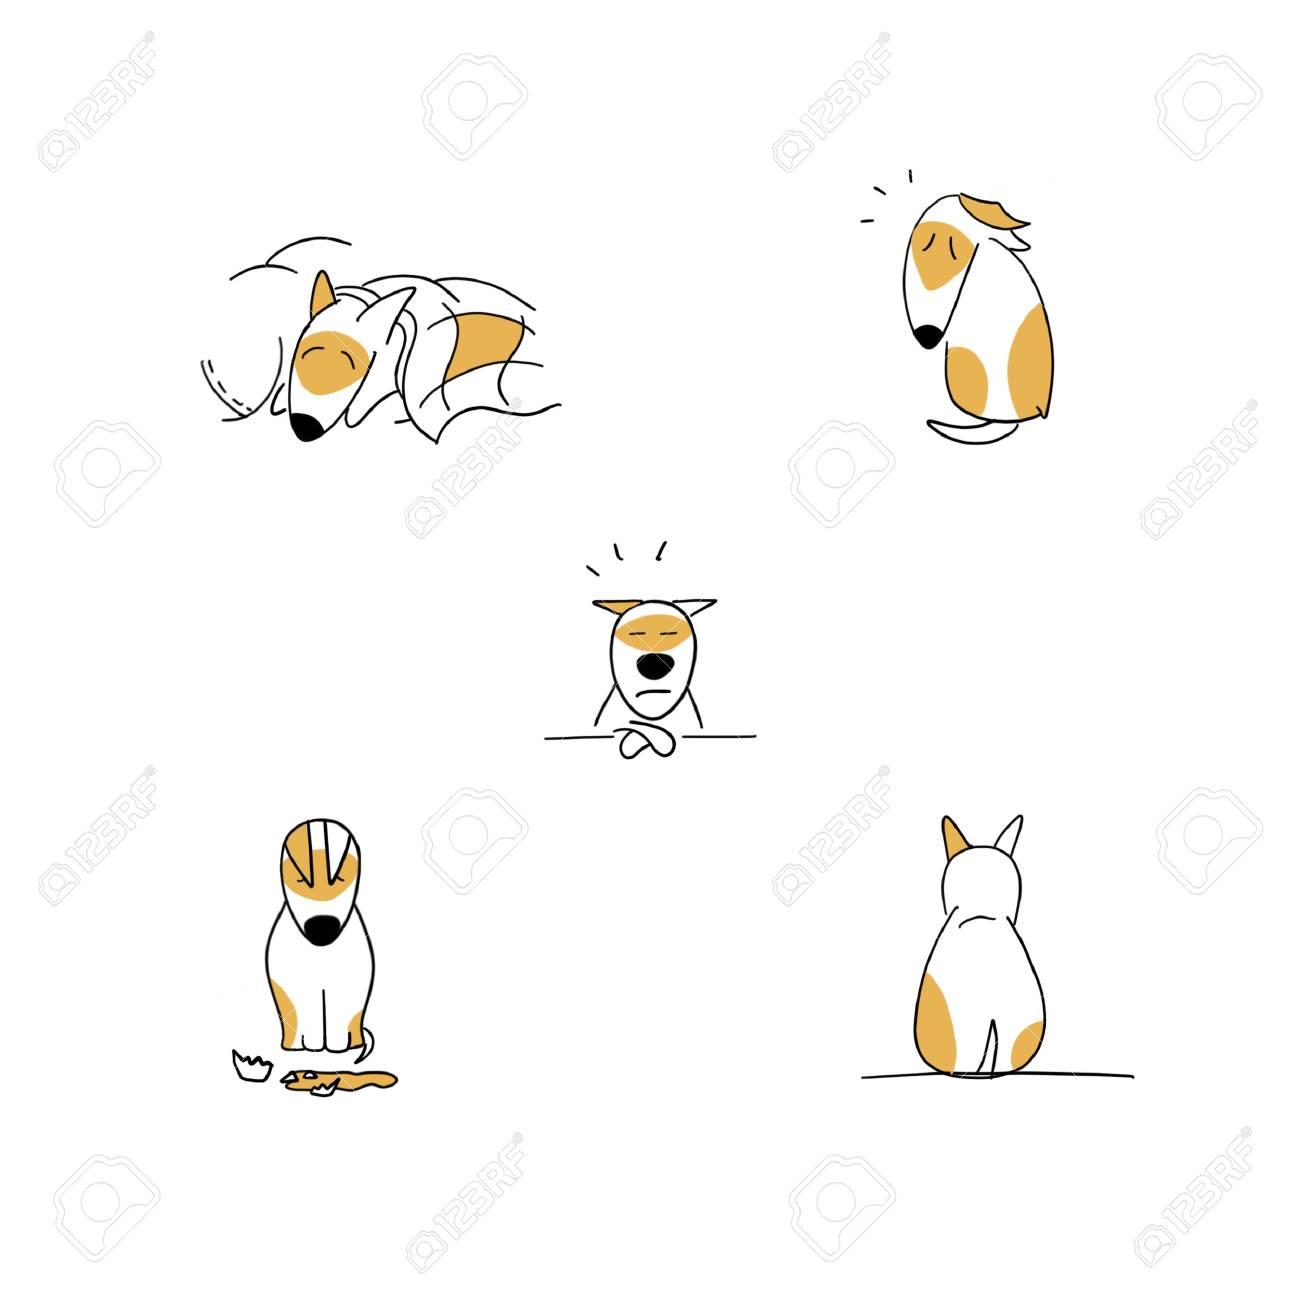 Set of sad puppy cartoon emotions illustration isolated on white - 115343688